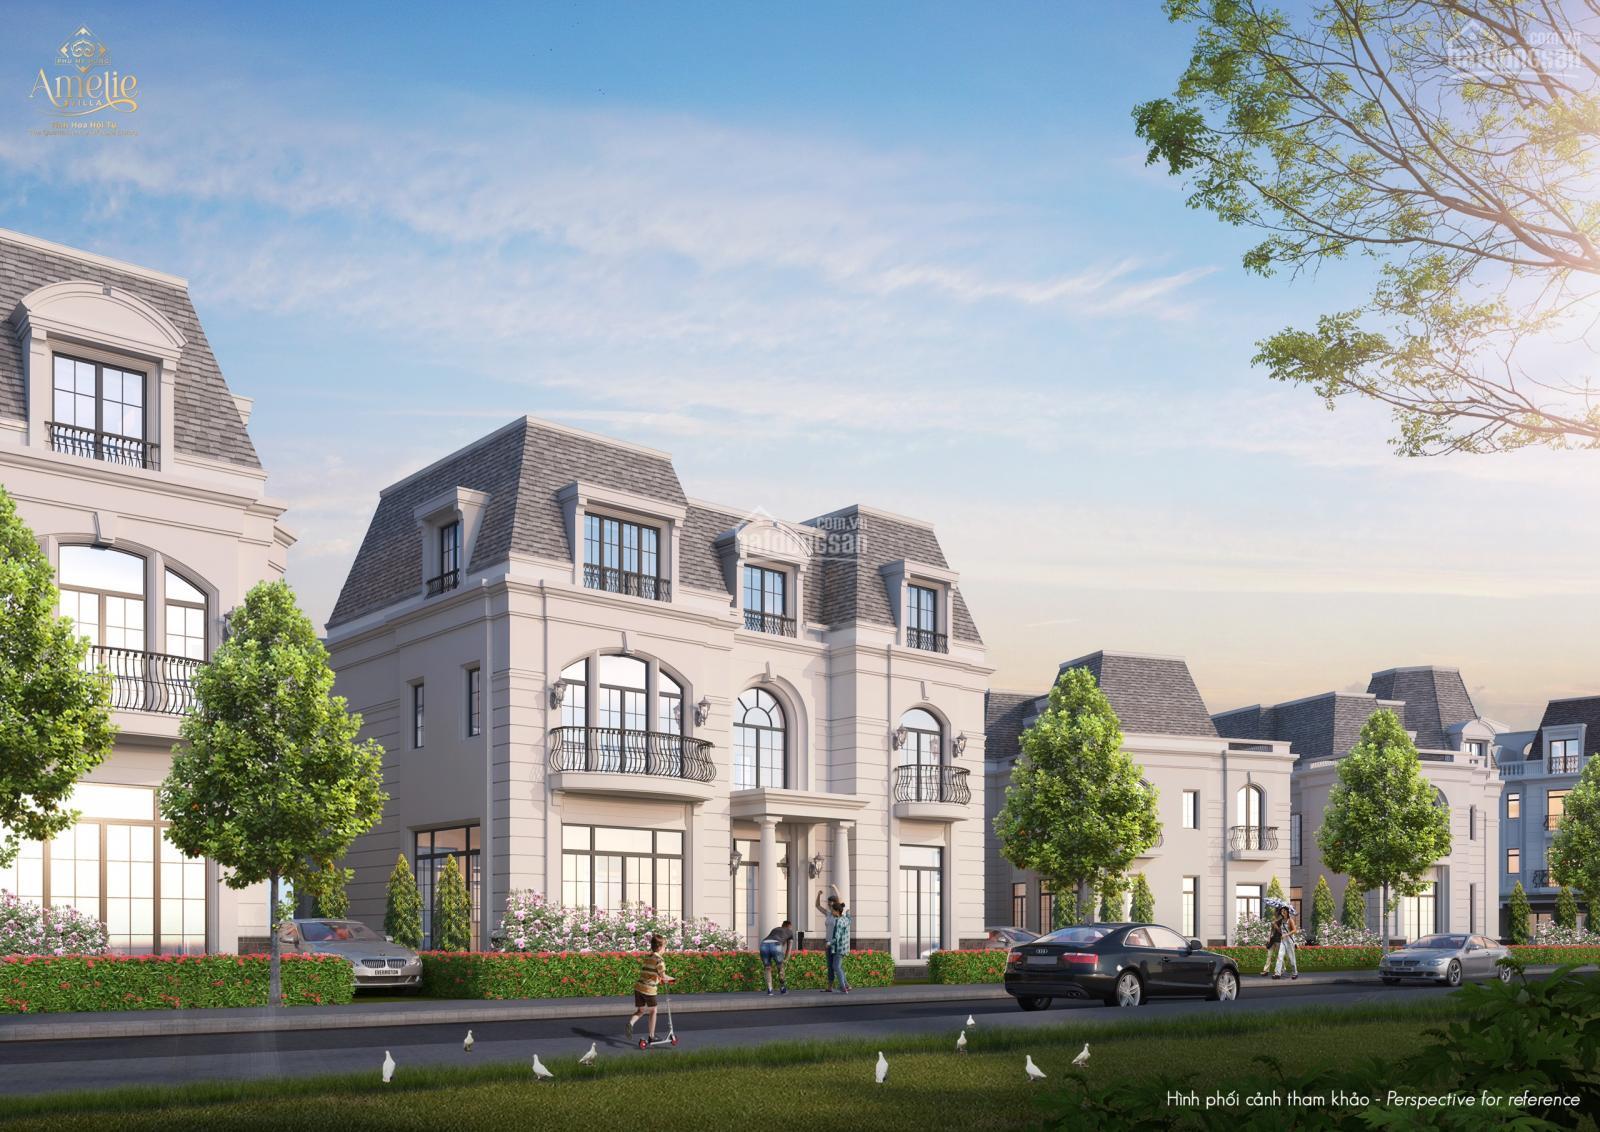 Nhà phố amelie villa phú mỹ hưng  cơ hội đầu tư sinh lợi hấp dẫn  giá gốc 8,9 tỷ